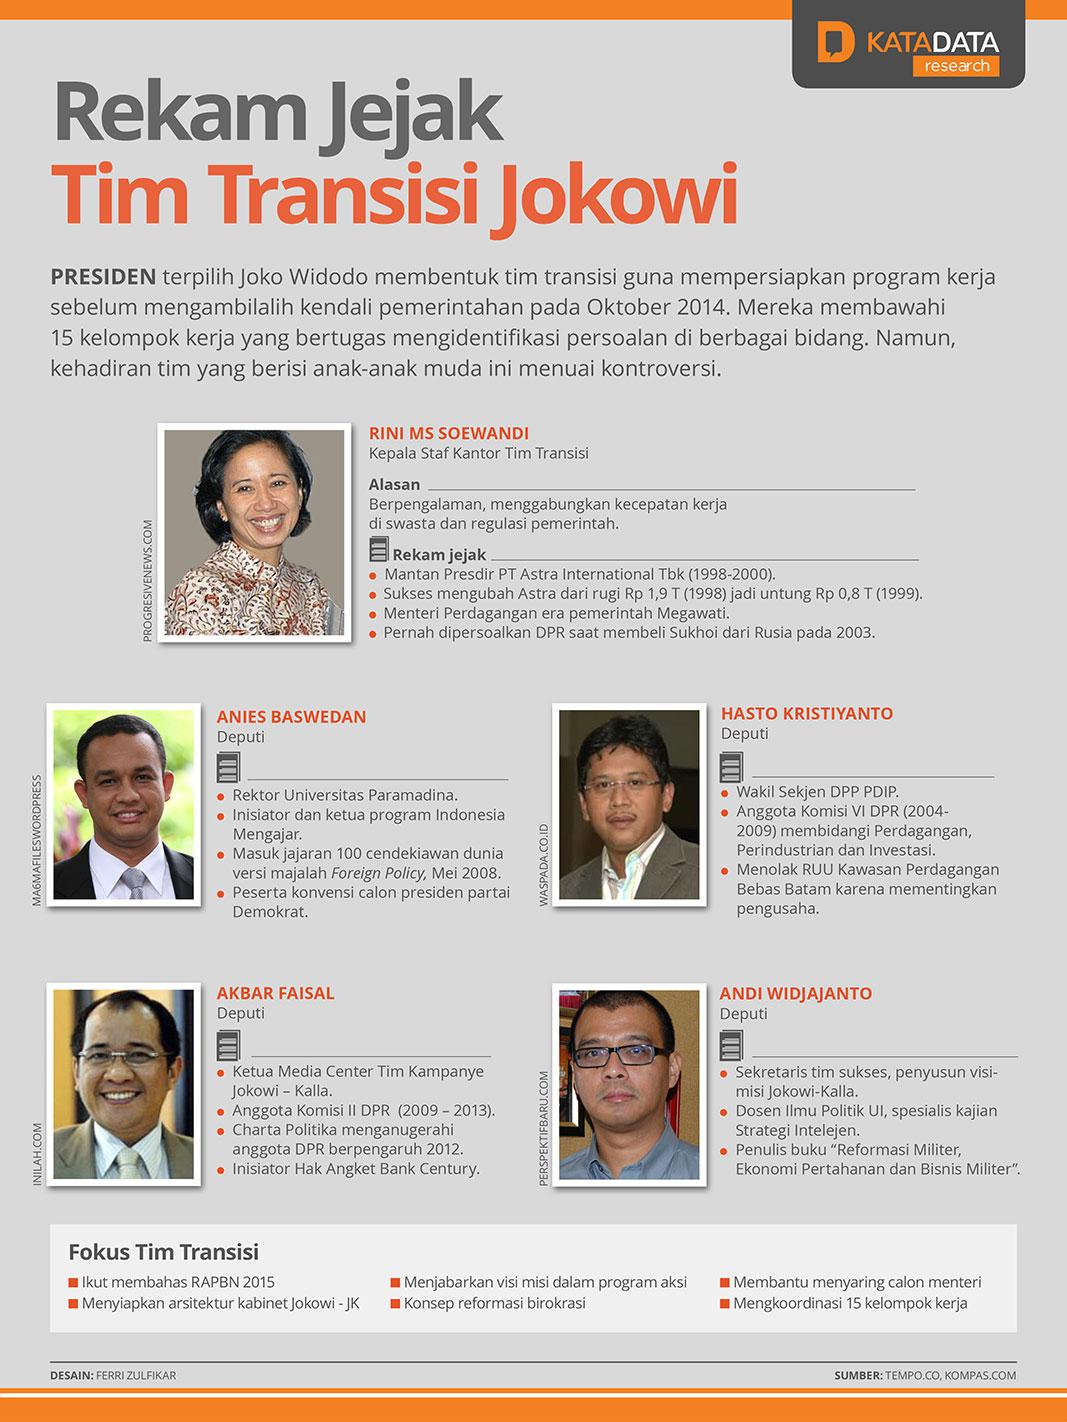 Tim-Transisi-JokowiWEB.jpg